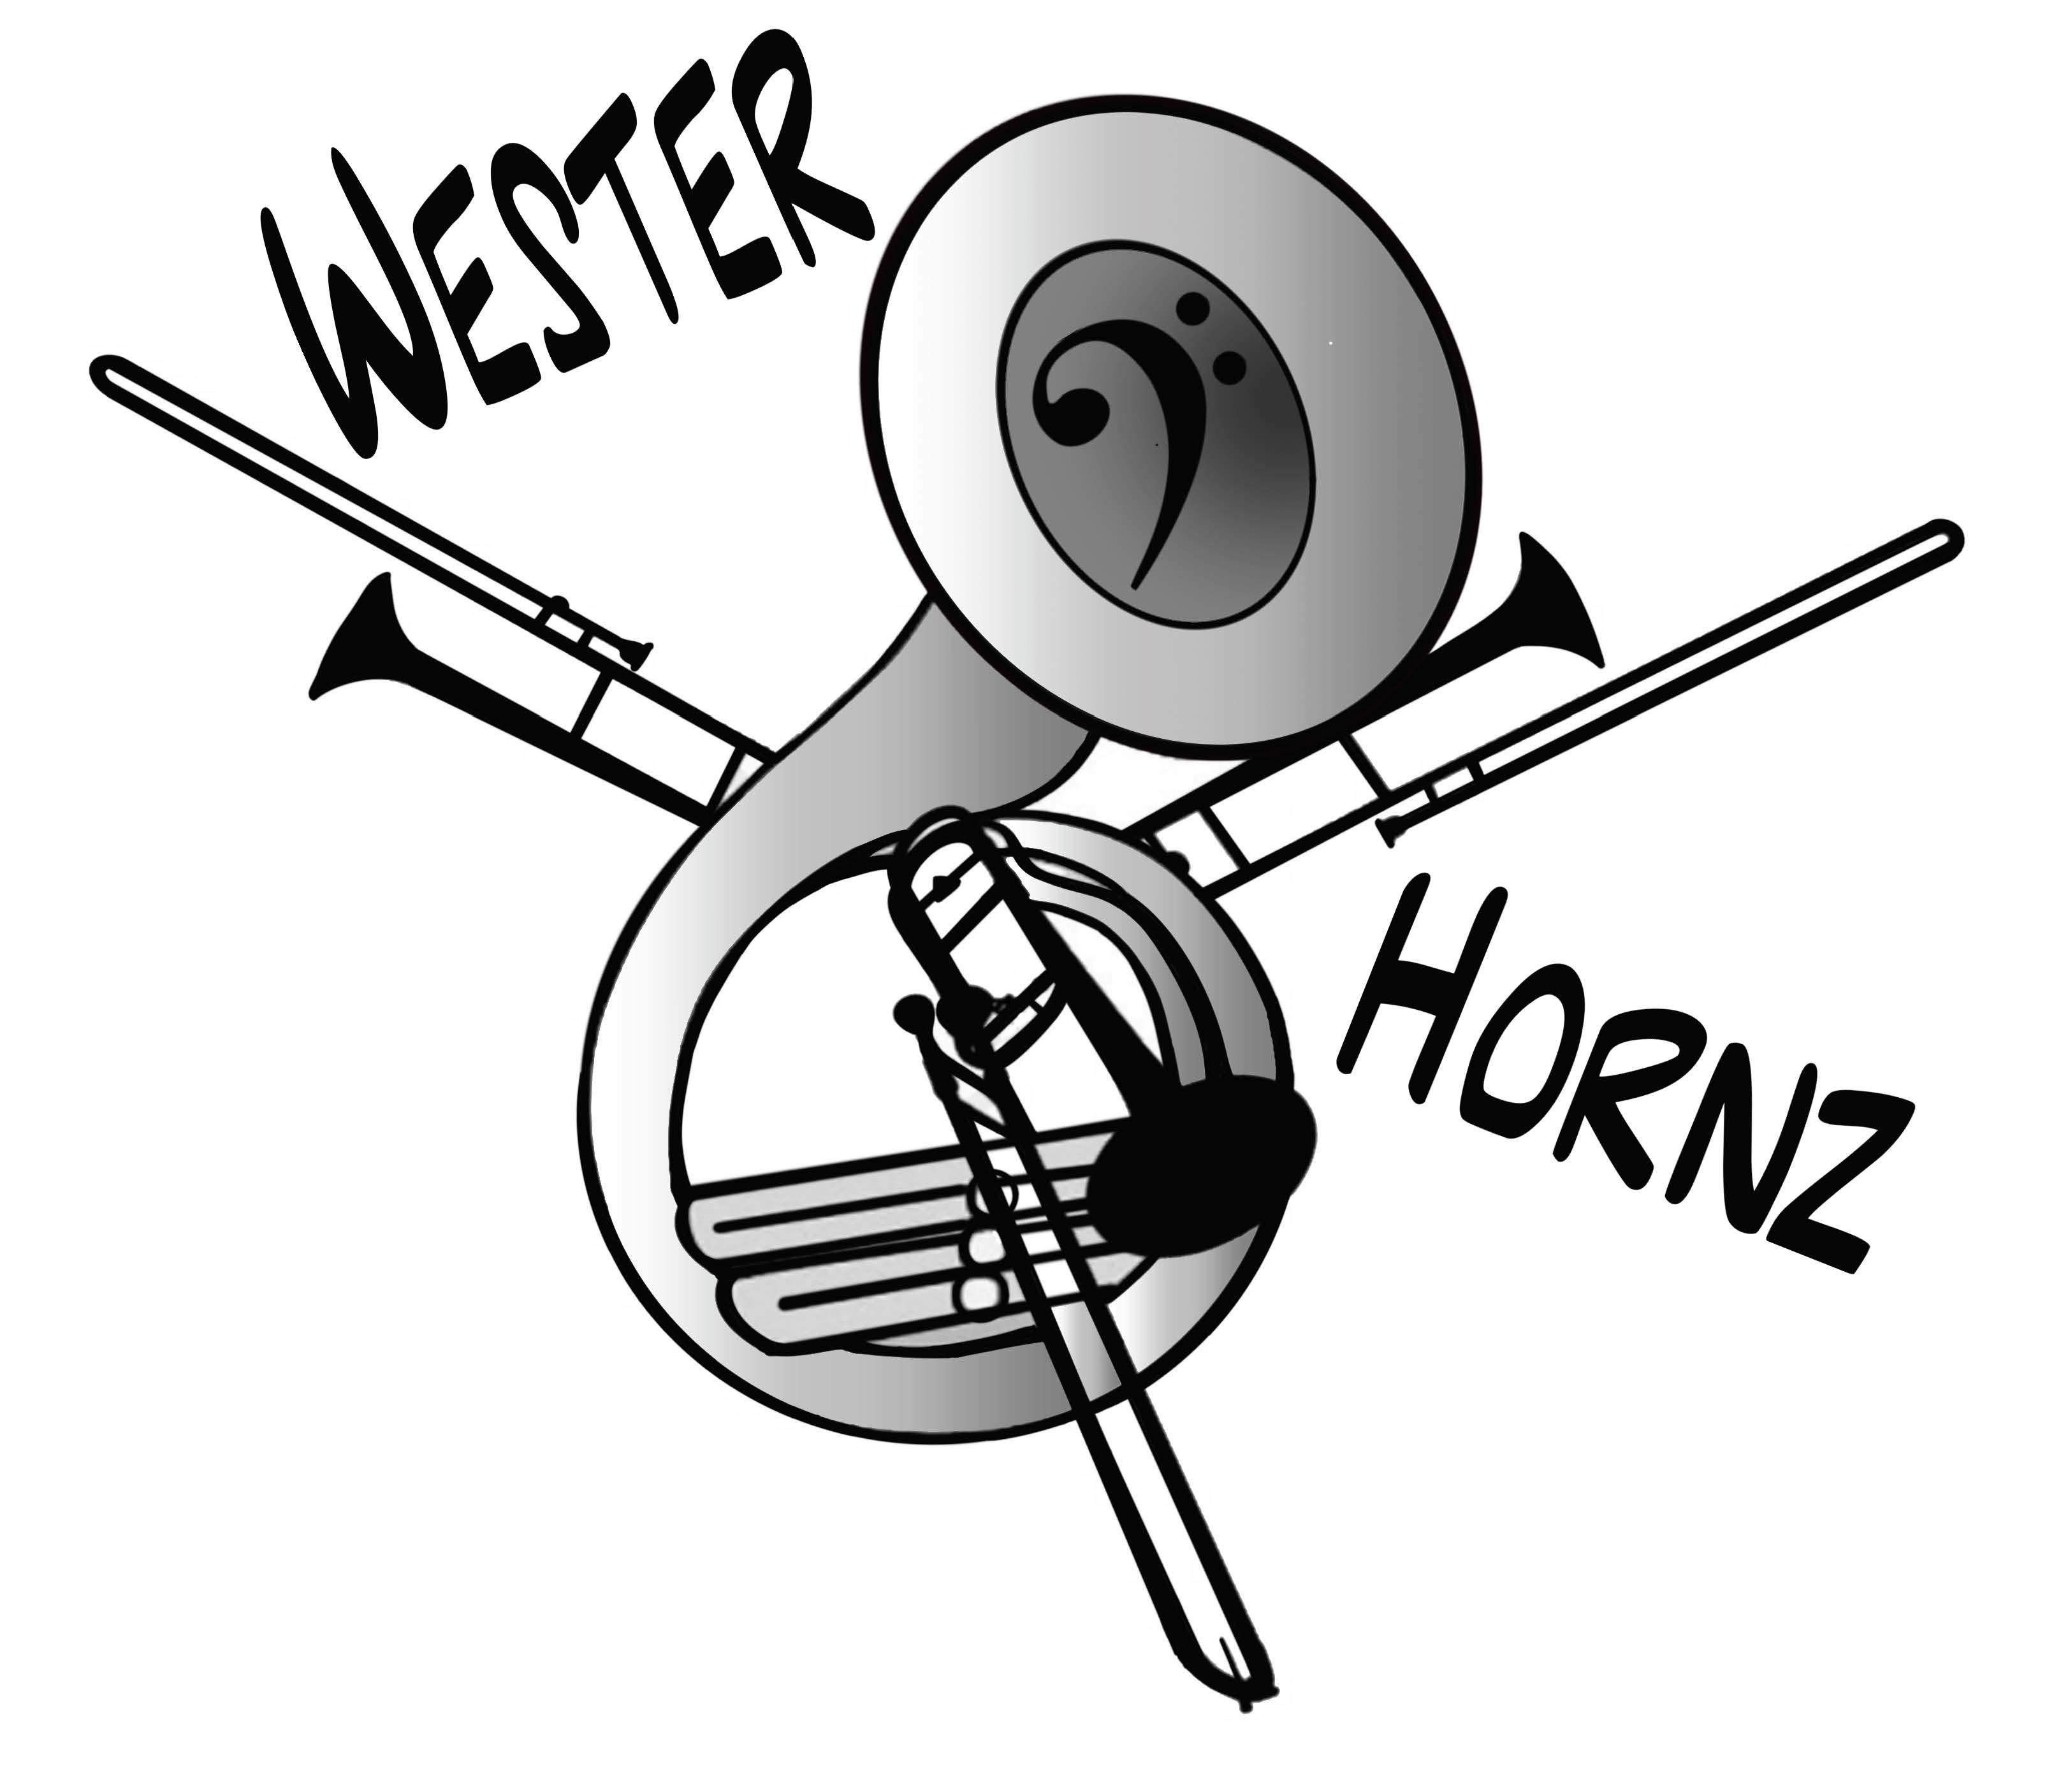 WesterHornz